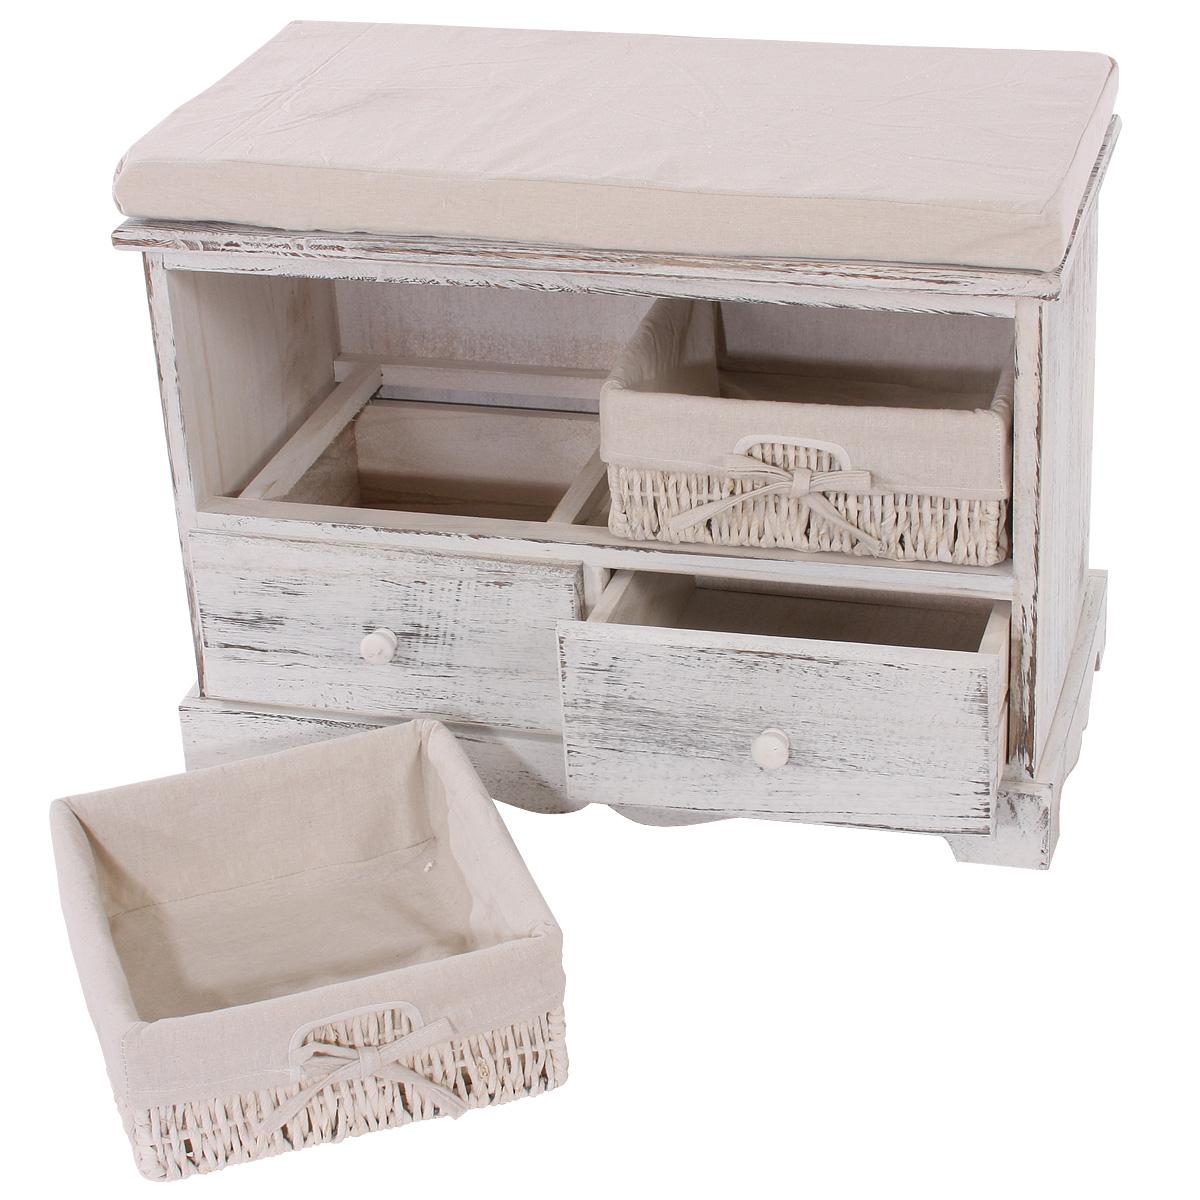 Garderobe mit sitzbank kommode mit 2 k rben 42x62x33cm for Sitzbank garderobe holz